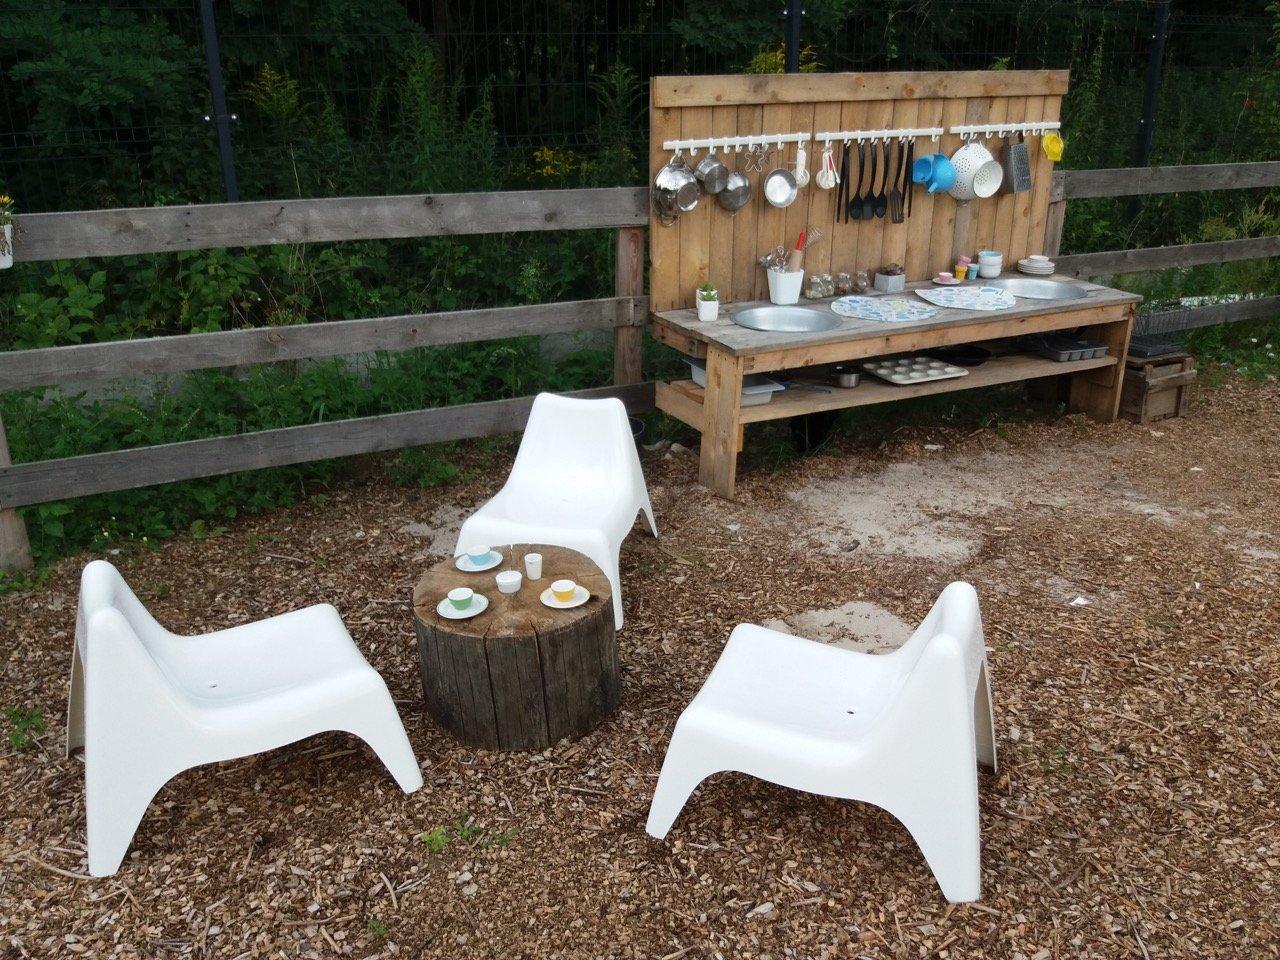 Kuchnia podwórkowa dla dzieci jak zrobić